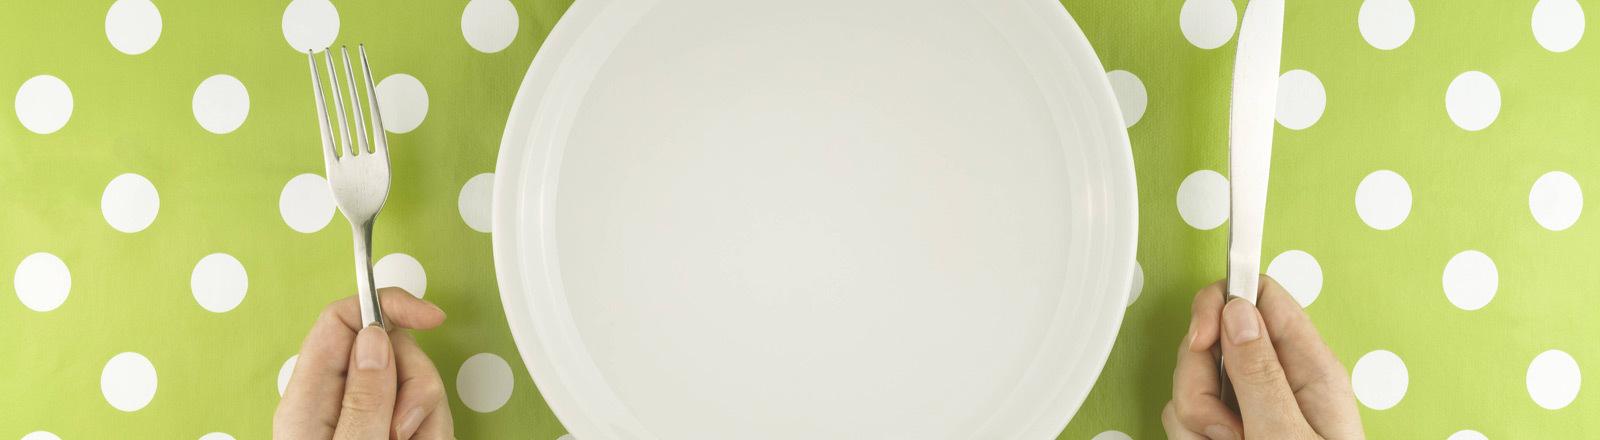 Eine Person sitzt vor einem leeren Teller.